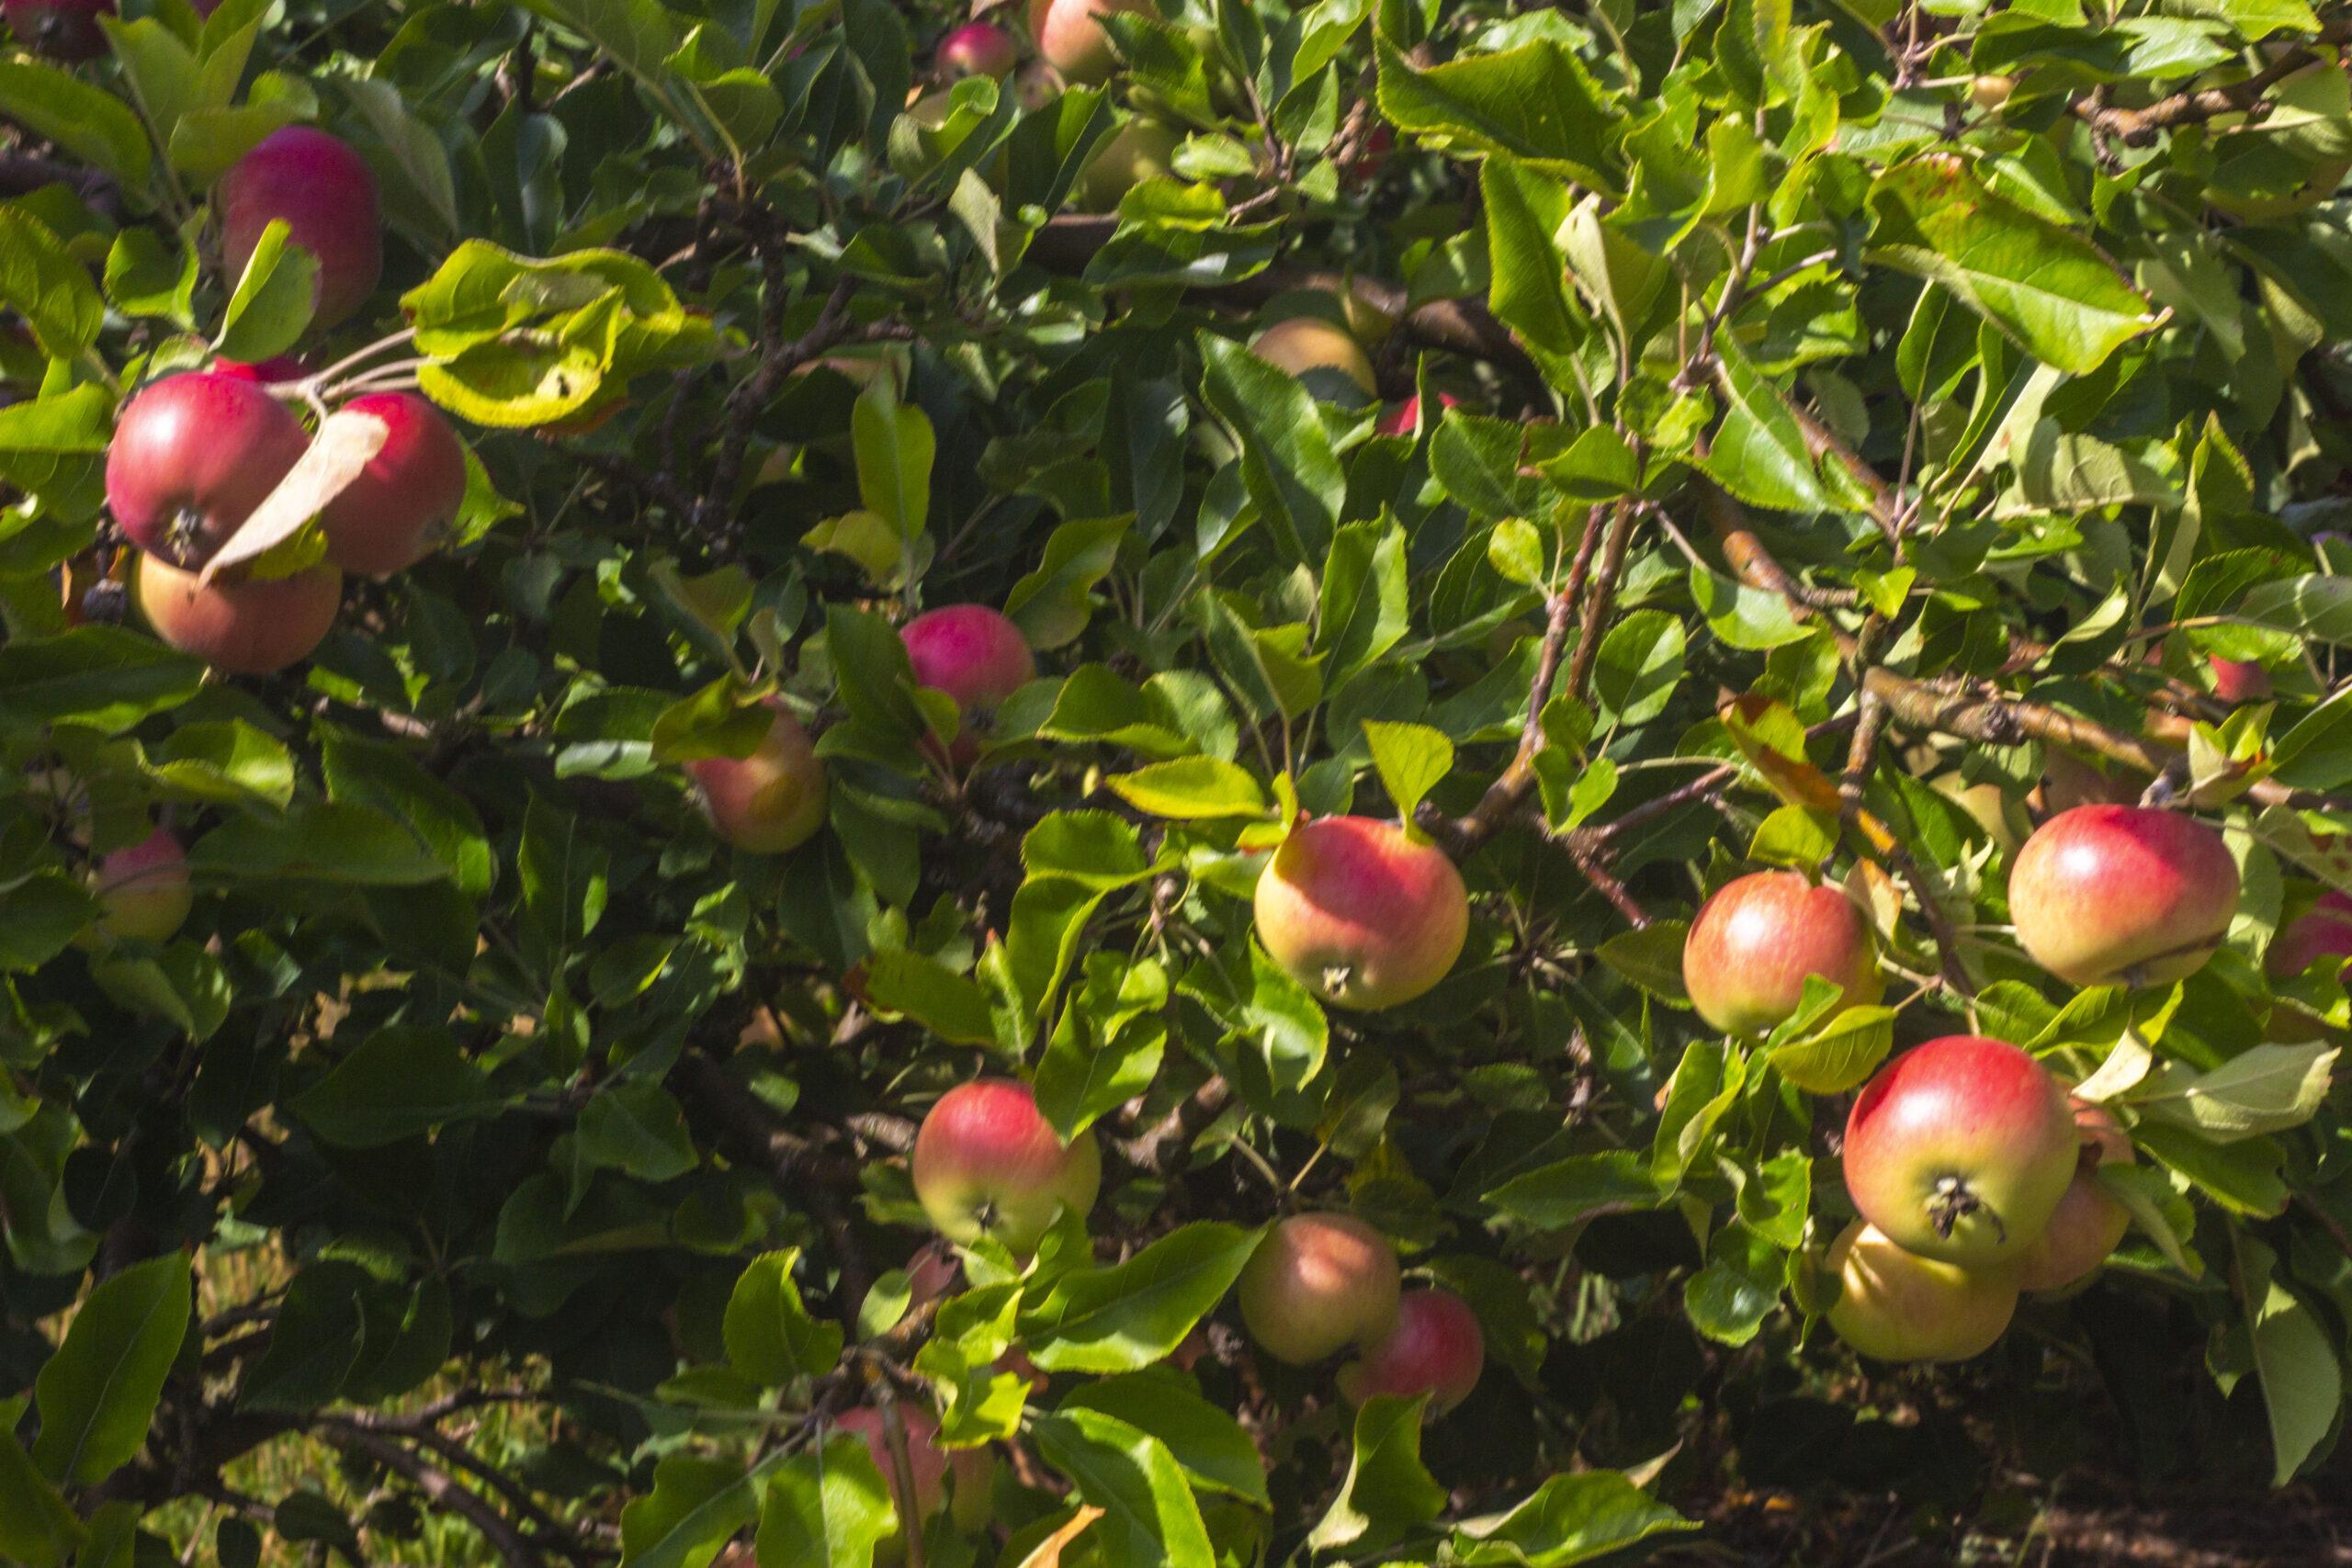 Mange forskellige æblesorter